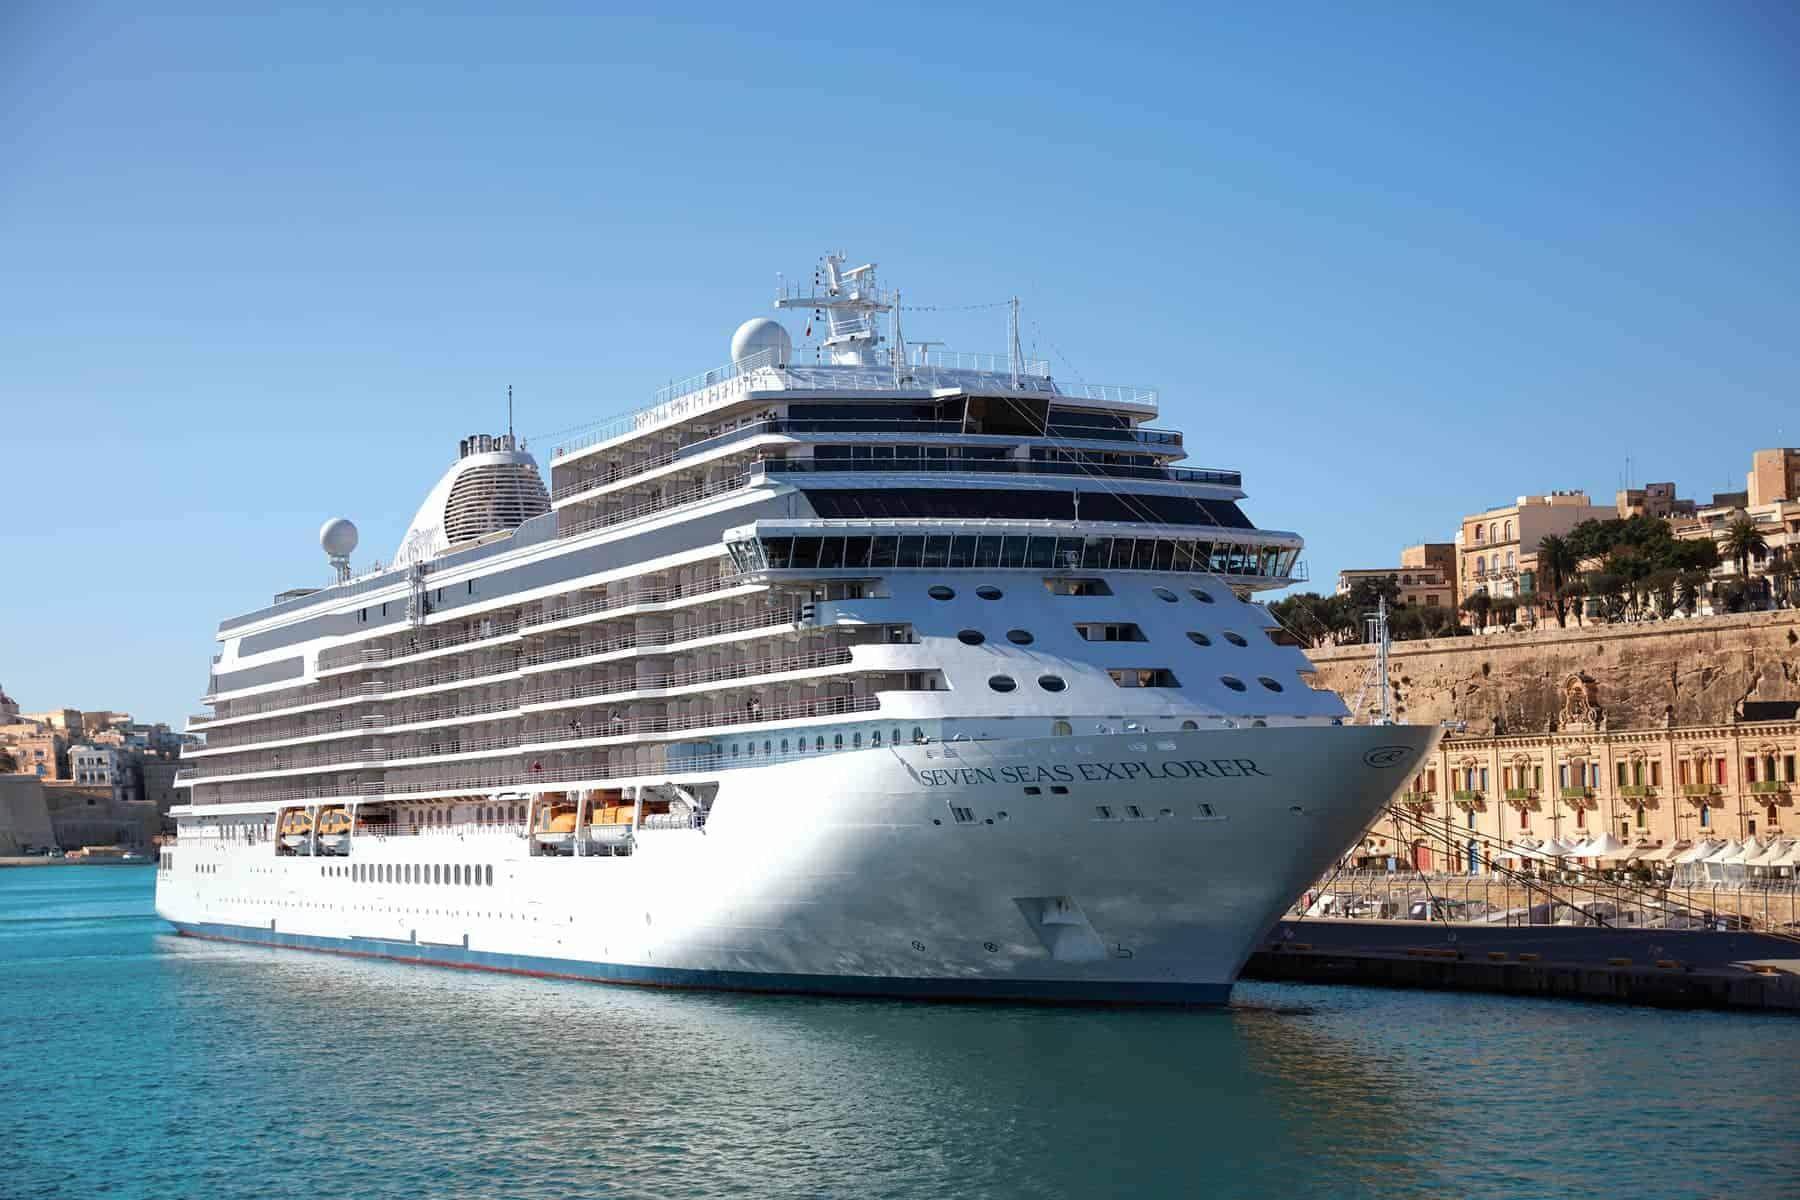 La línea de cruceros Regent Seven Seas Cruises anunció la fecha para el regreso de sus viajes alrededor del mundo